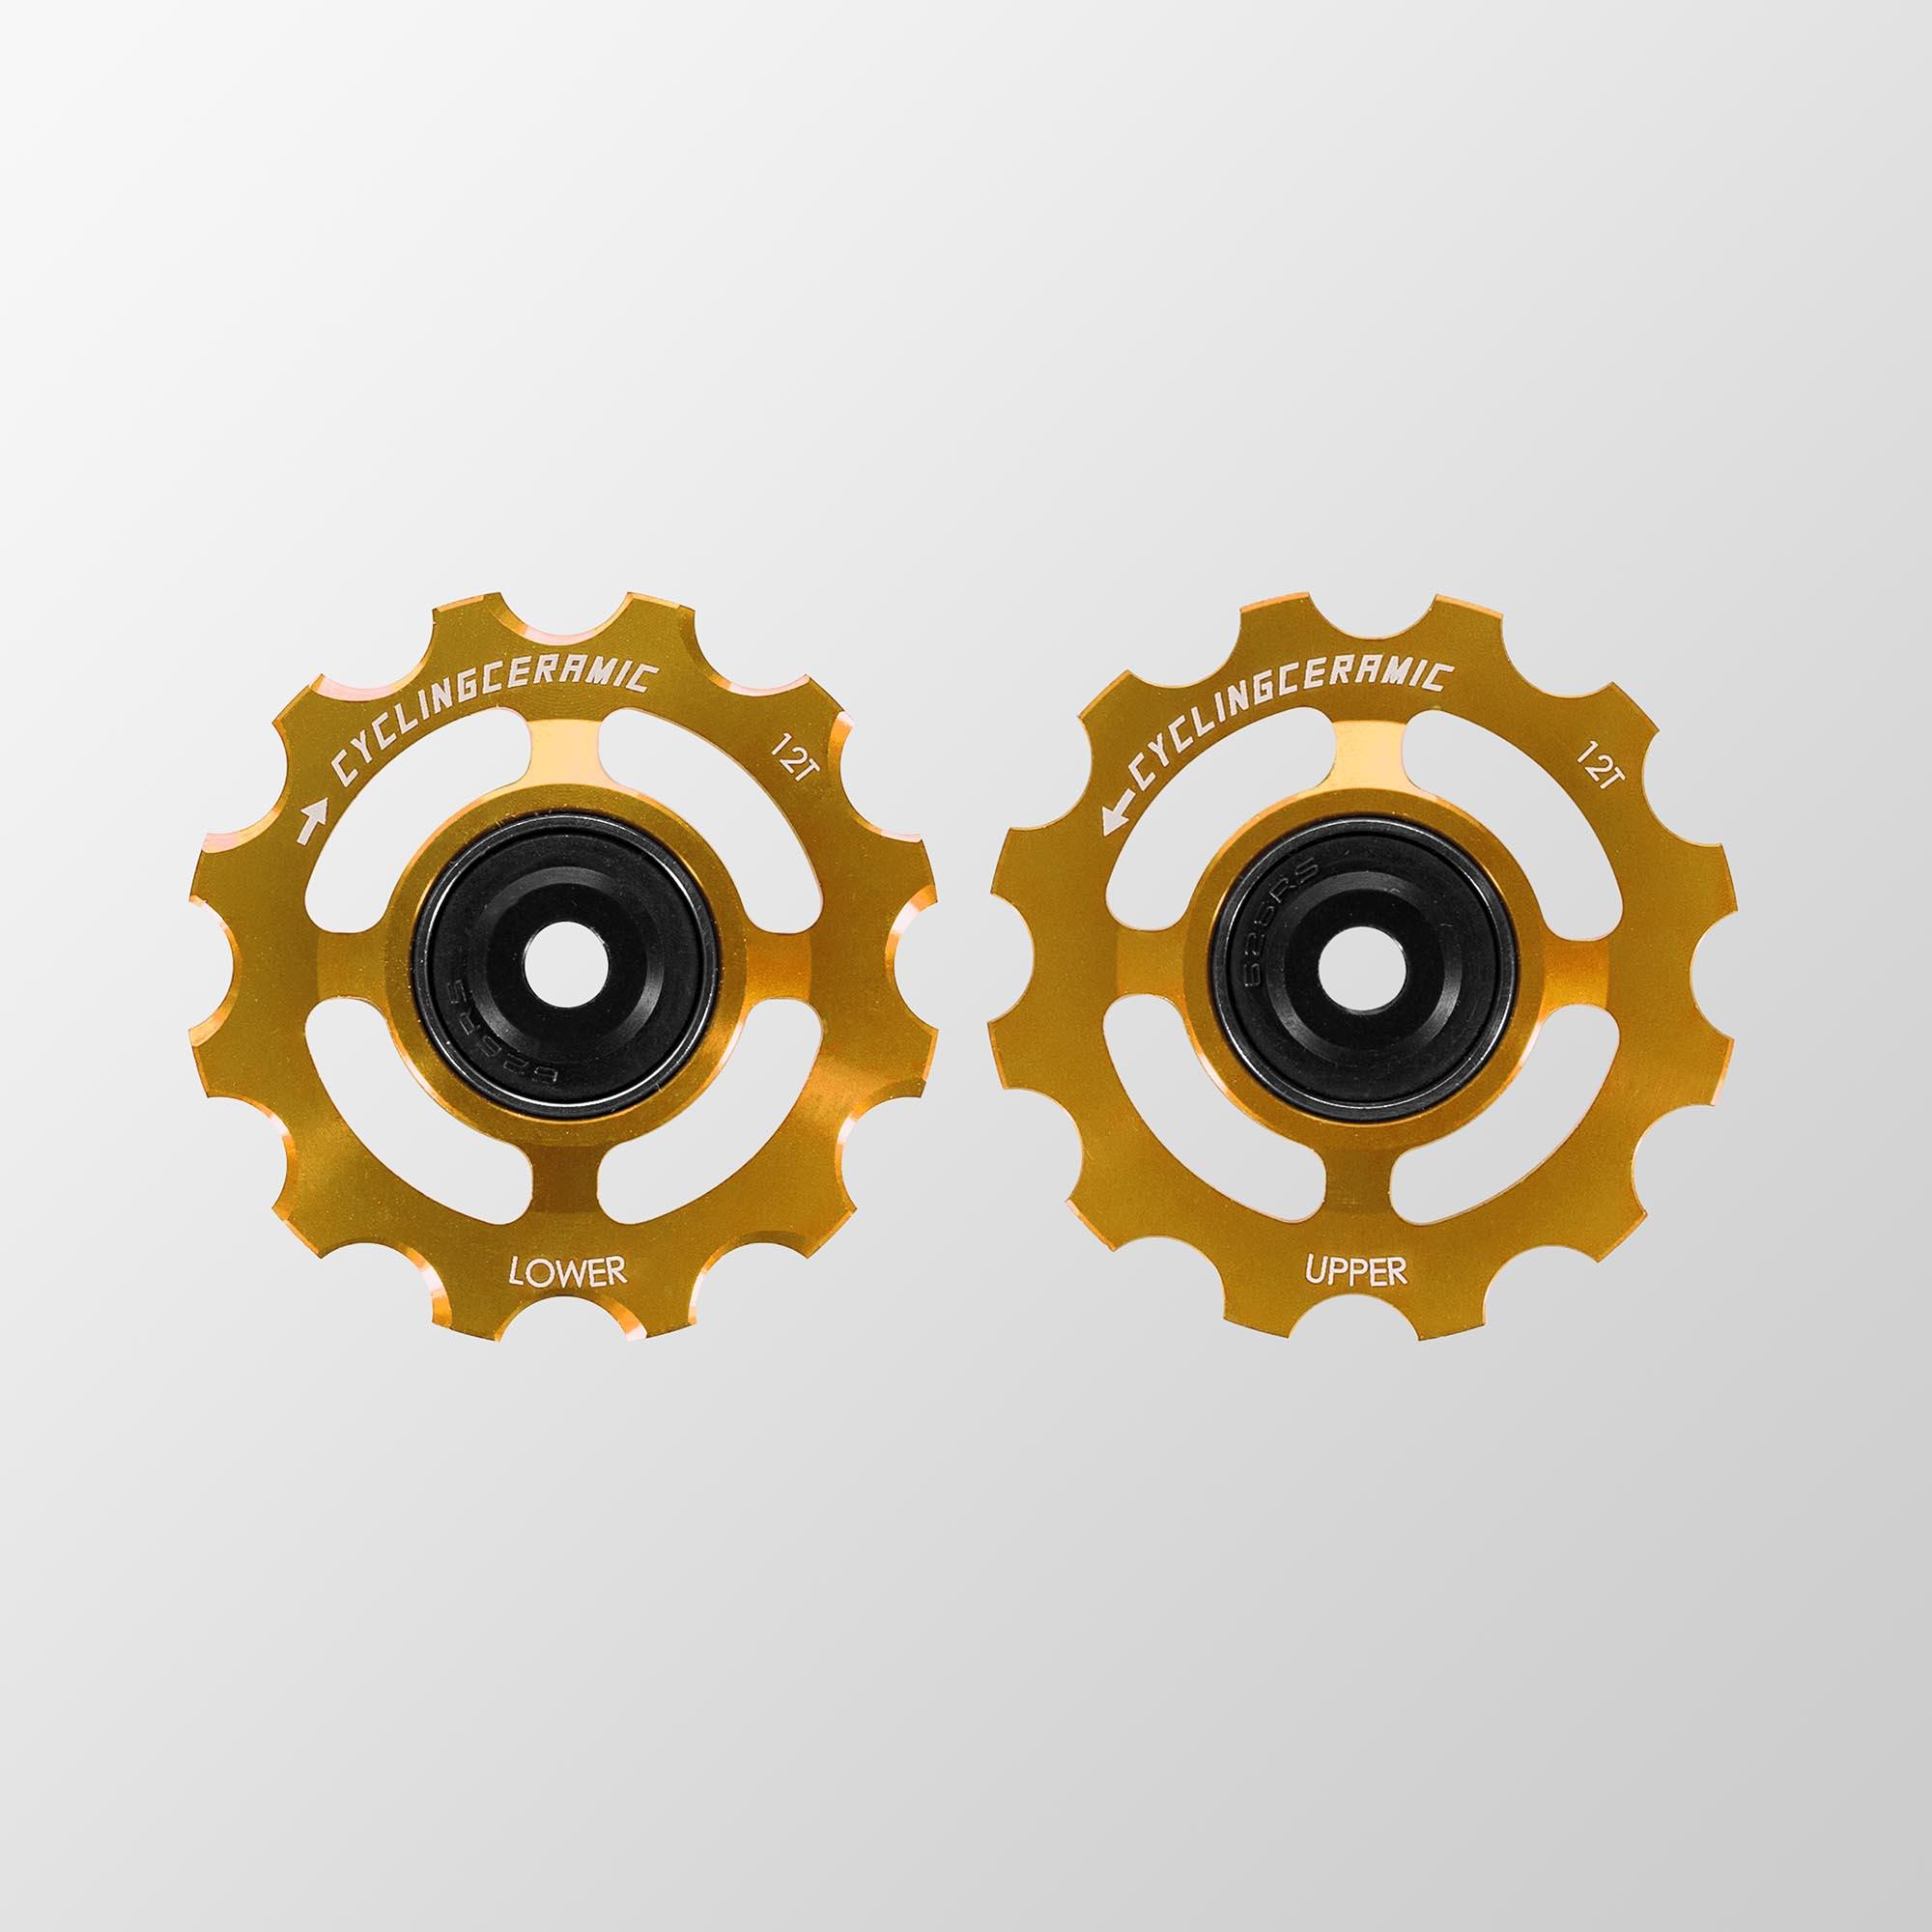 Galets de dérailleur or CyclingCeramic